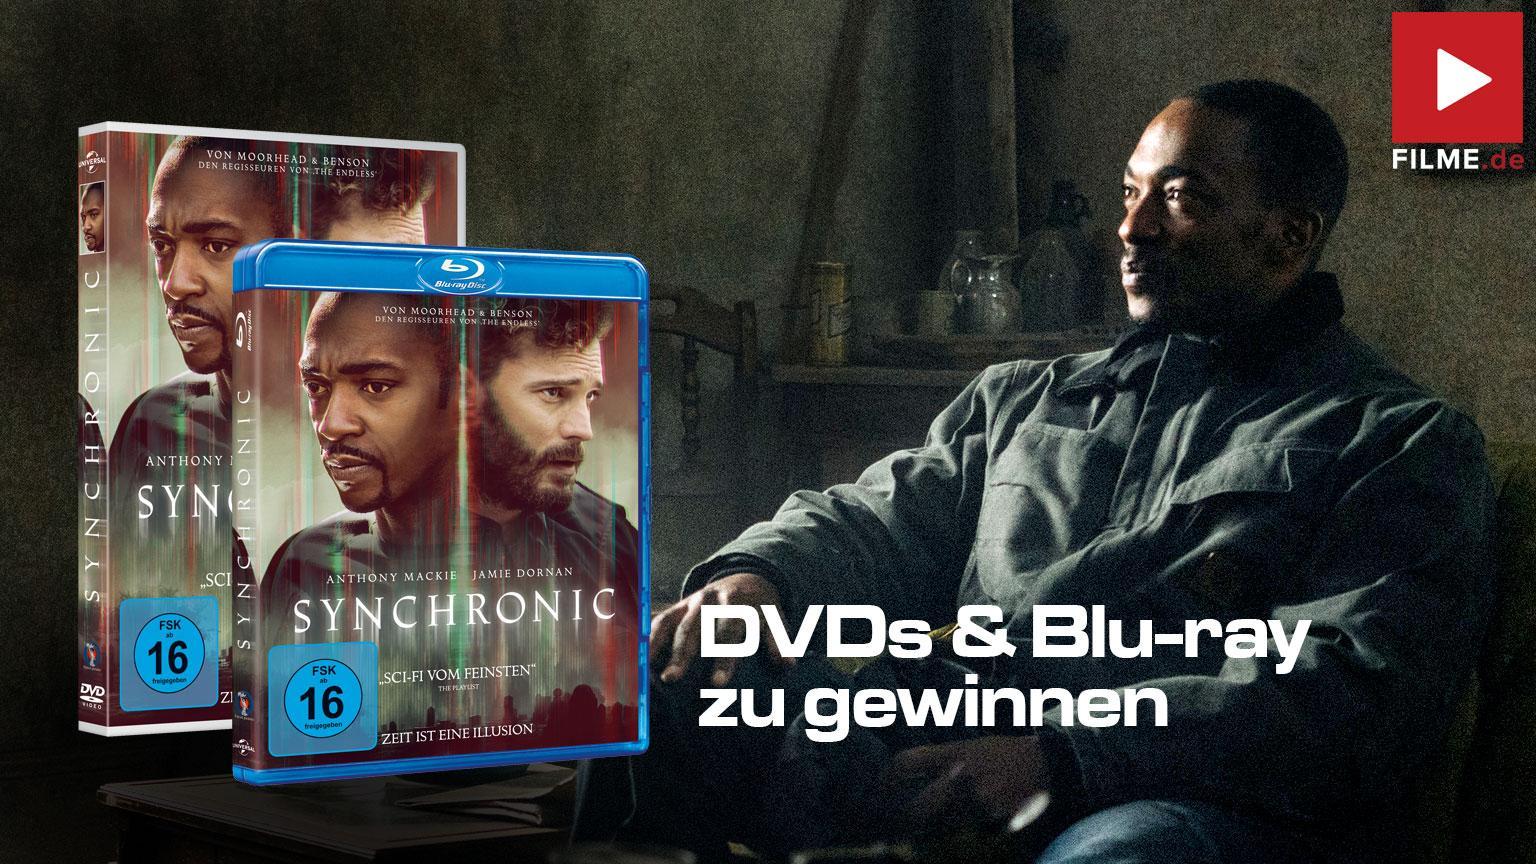 Synchronic Film 2021 Blu-ray DVD Gewinnspiel gewinnen shop kaufen Artikelbild